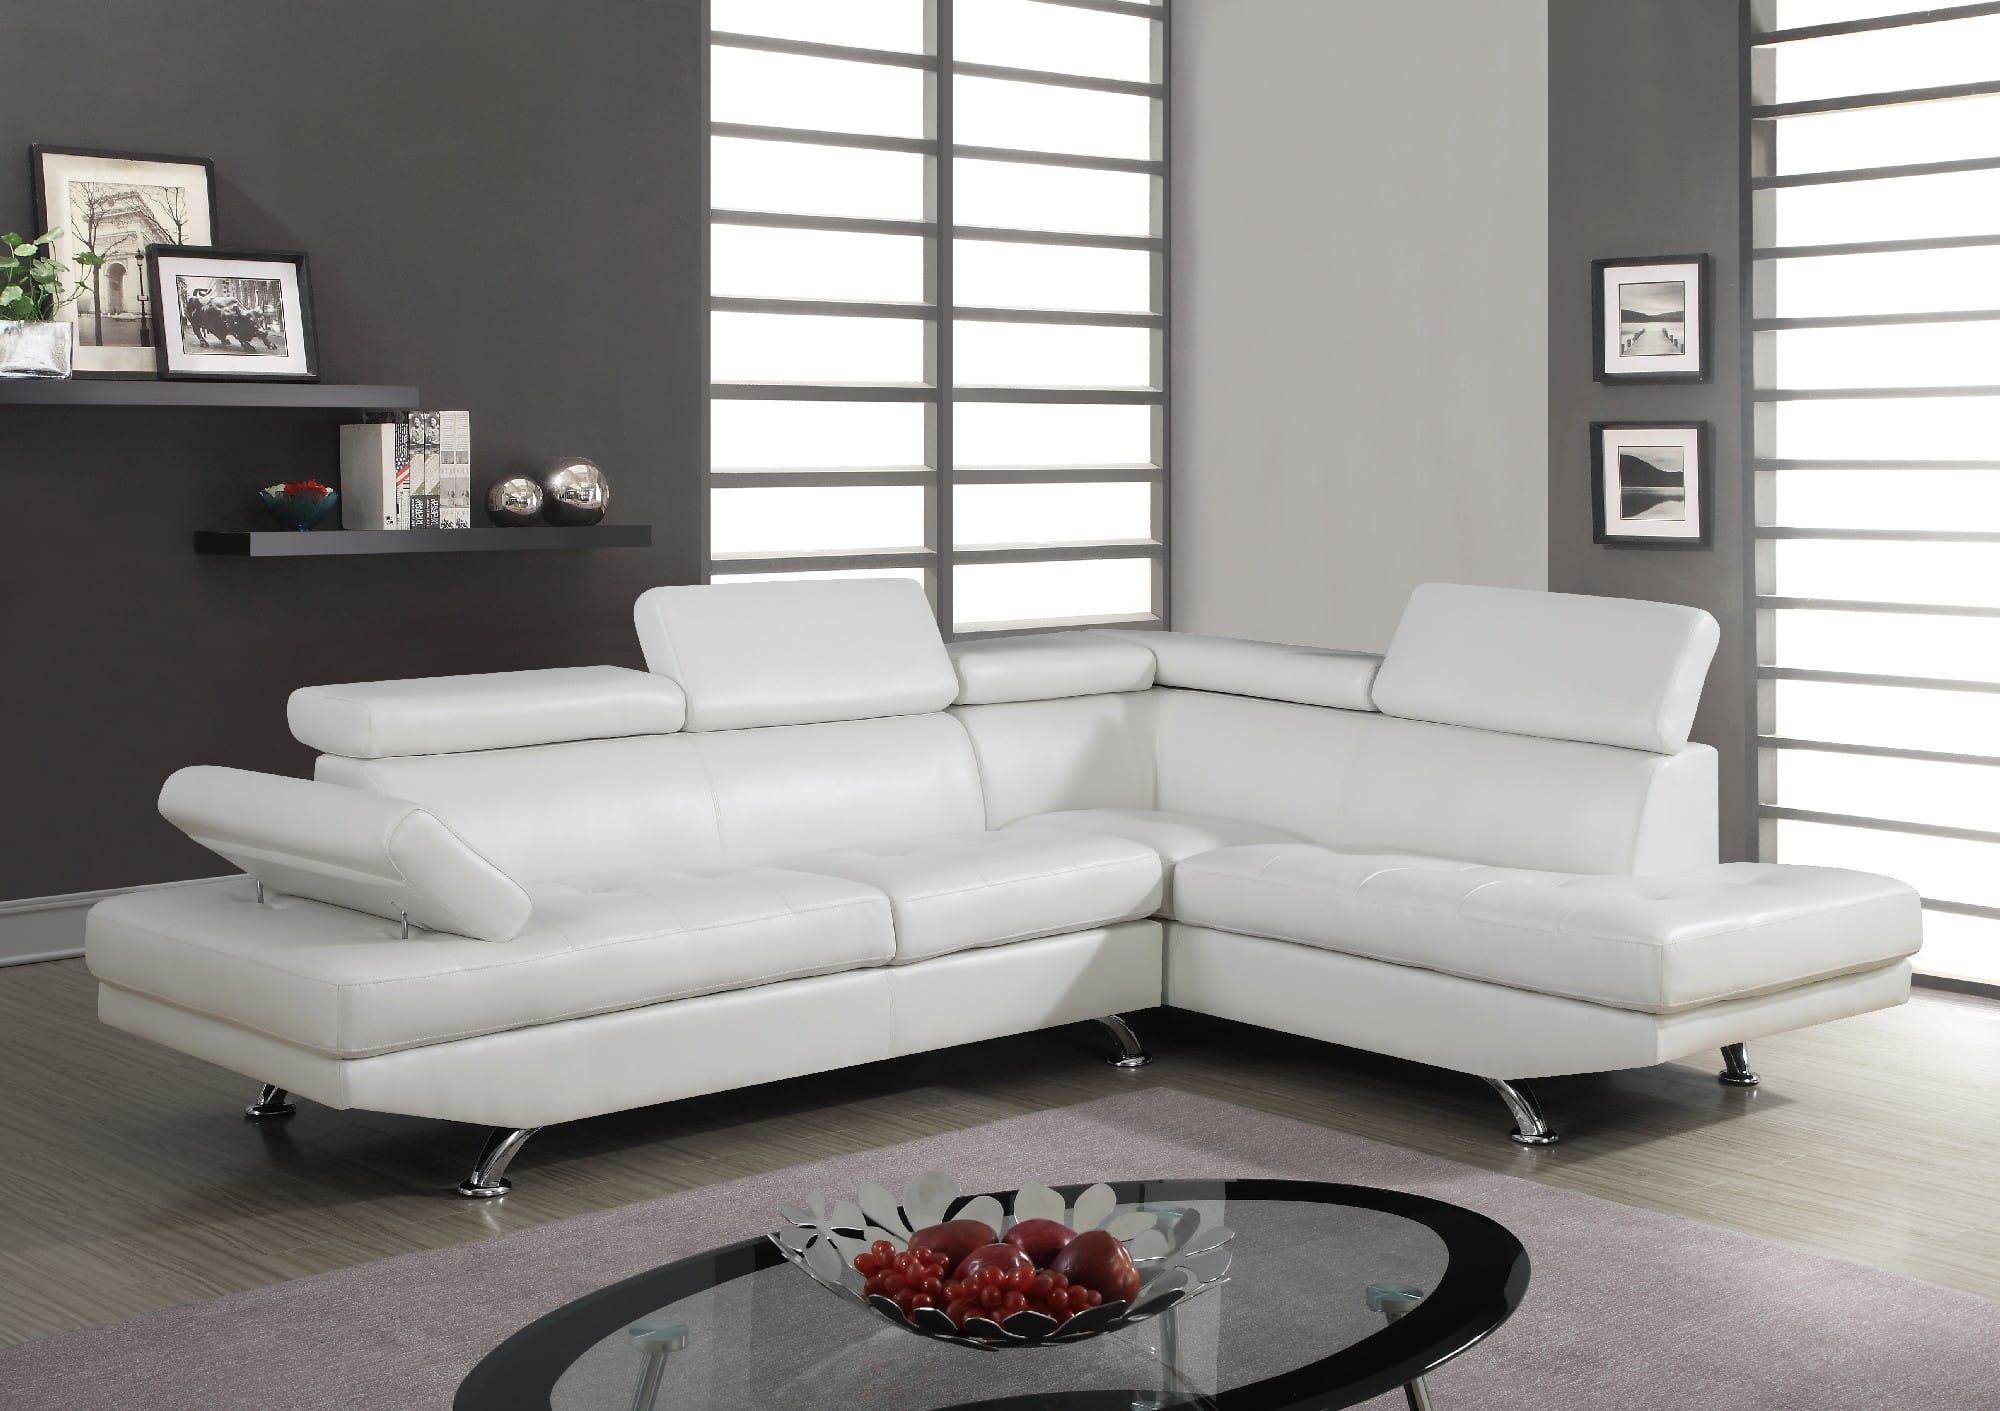 U9782 White PU Sectional Sofa by Global Furniture